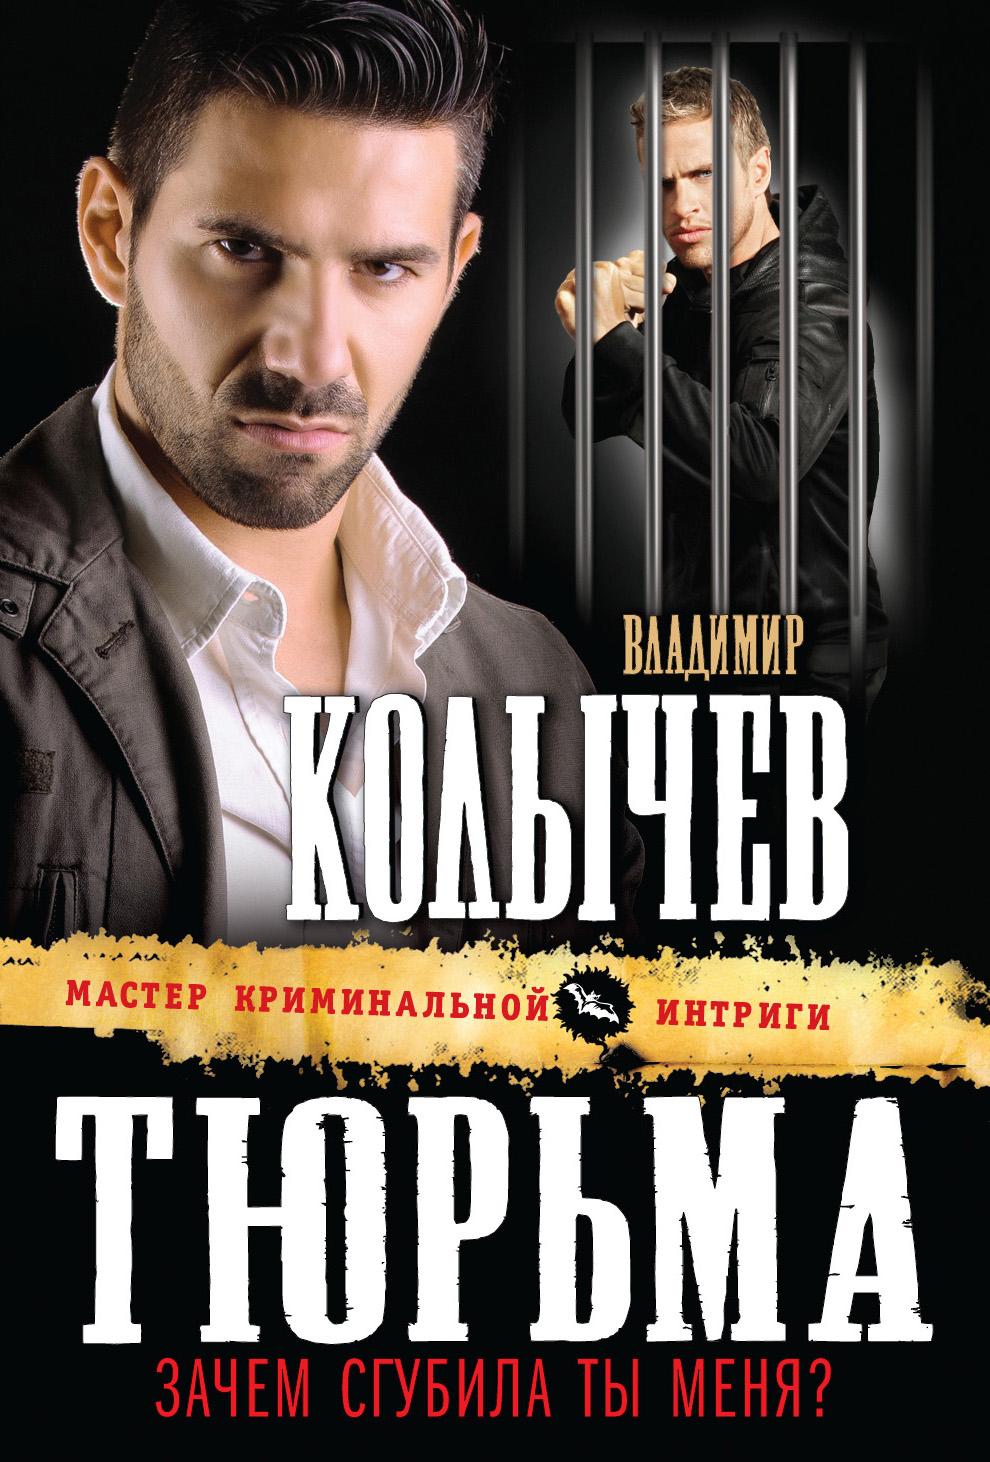 Тюрьма, зачем сгубила ты меня?